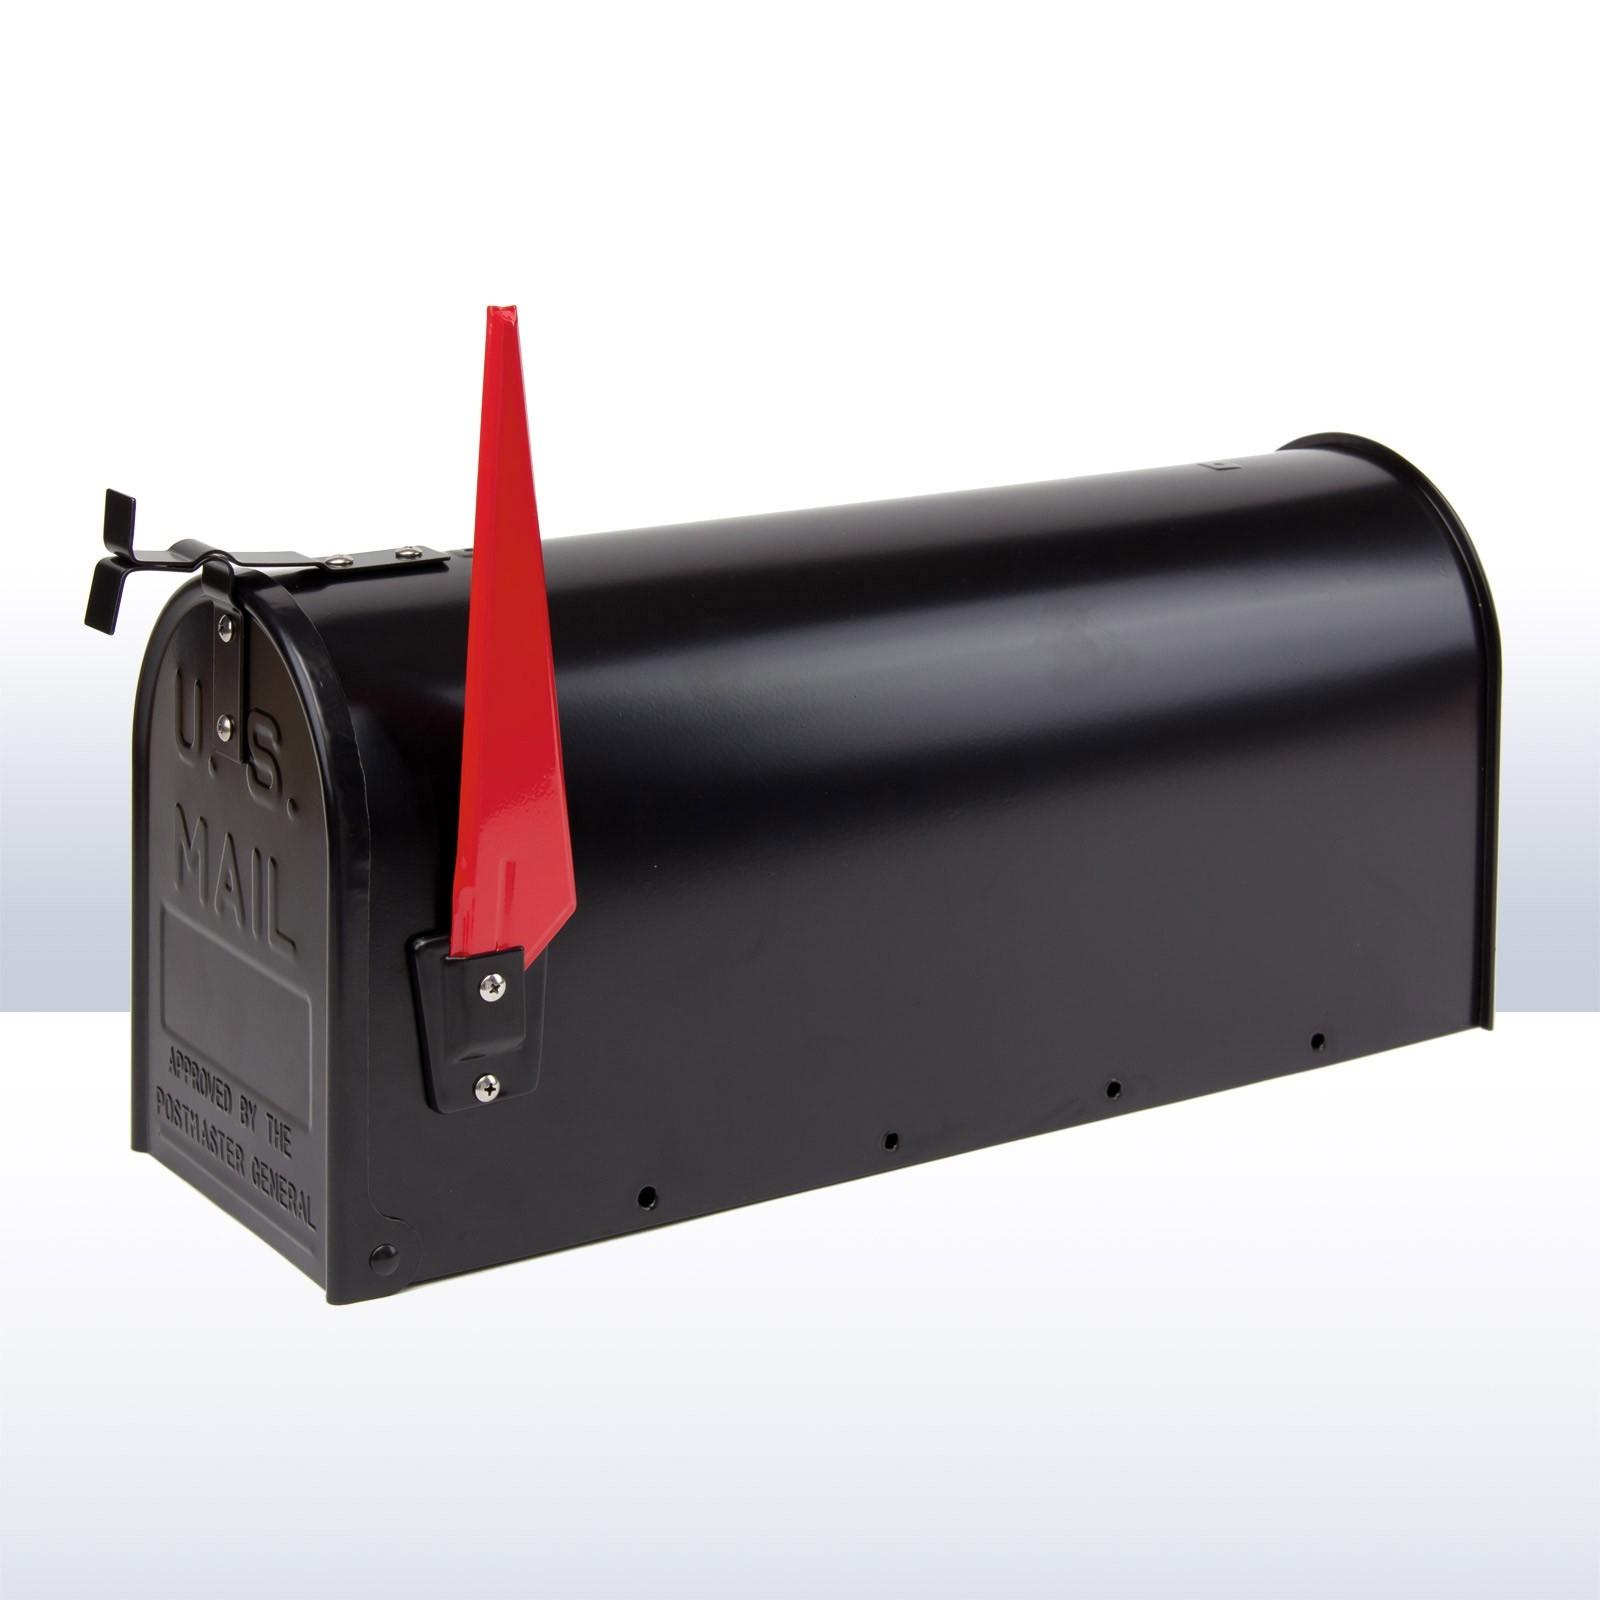 amerikanischer briefkasten american mailbox aus alu schwarz. Black Bedroom Furniture Sets. Home Design Ideas